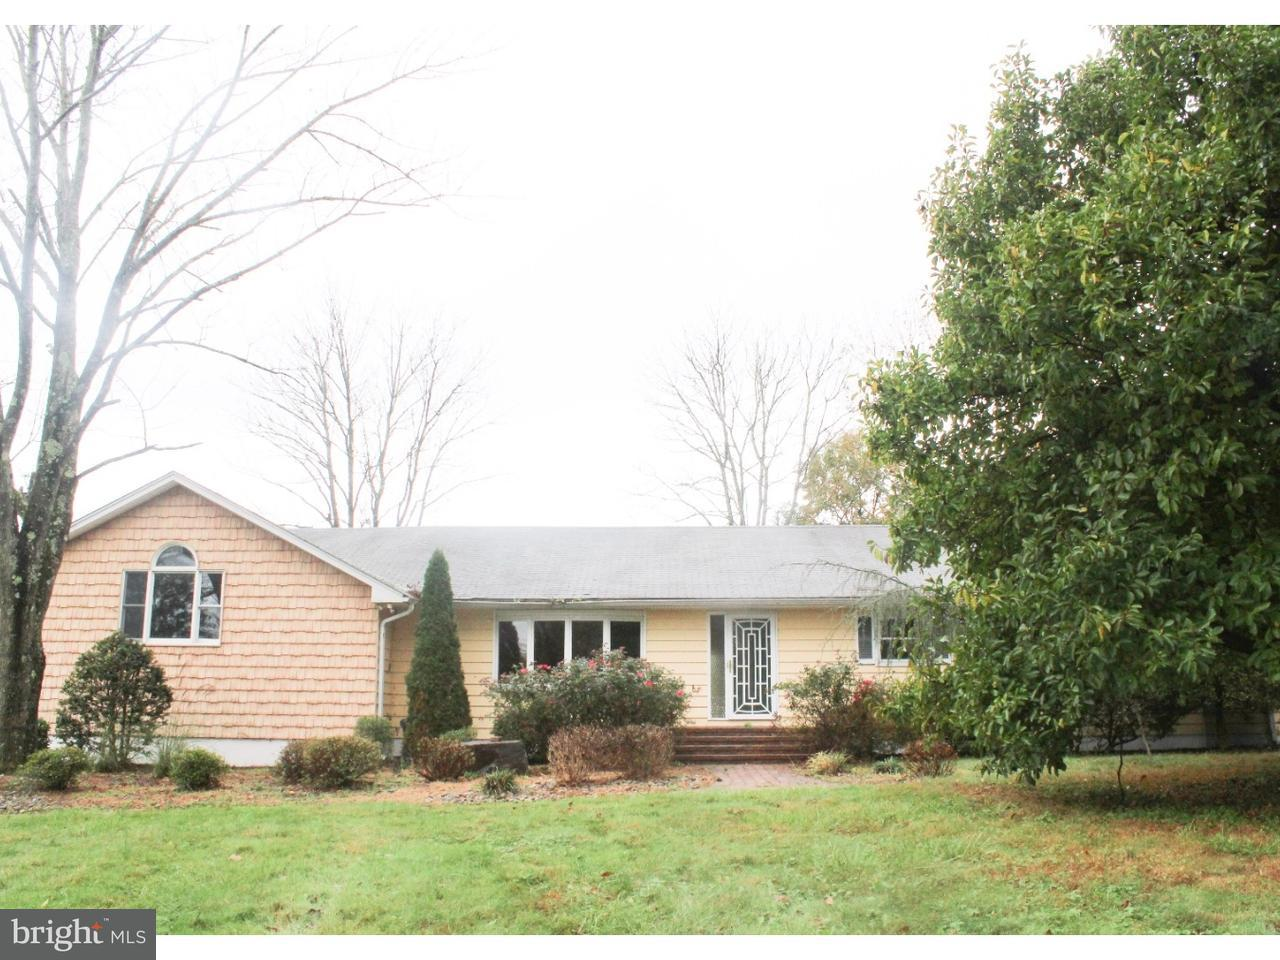 Casa Unifamiliar por un Venta en 2 WINDING BROOK WAY Titusville, Nueva Jersey 08560 Estados UnidosEn/Alrededor: Hopewell Township